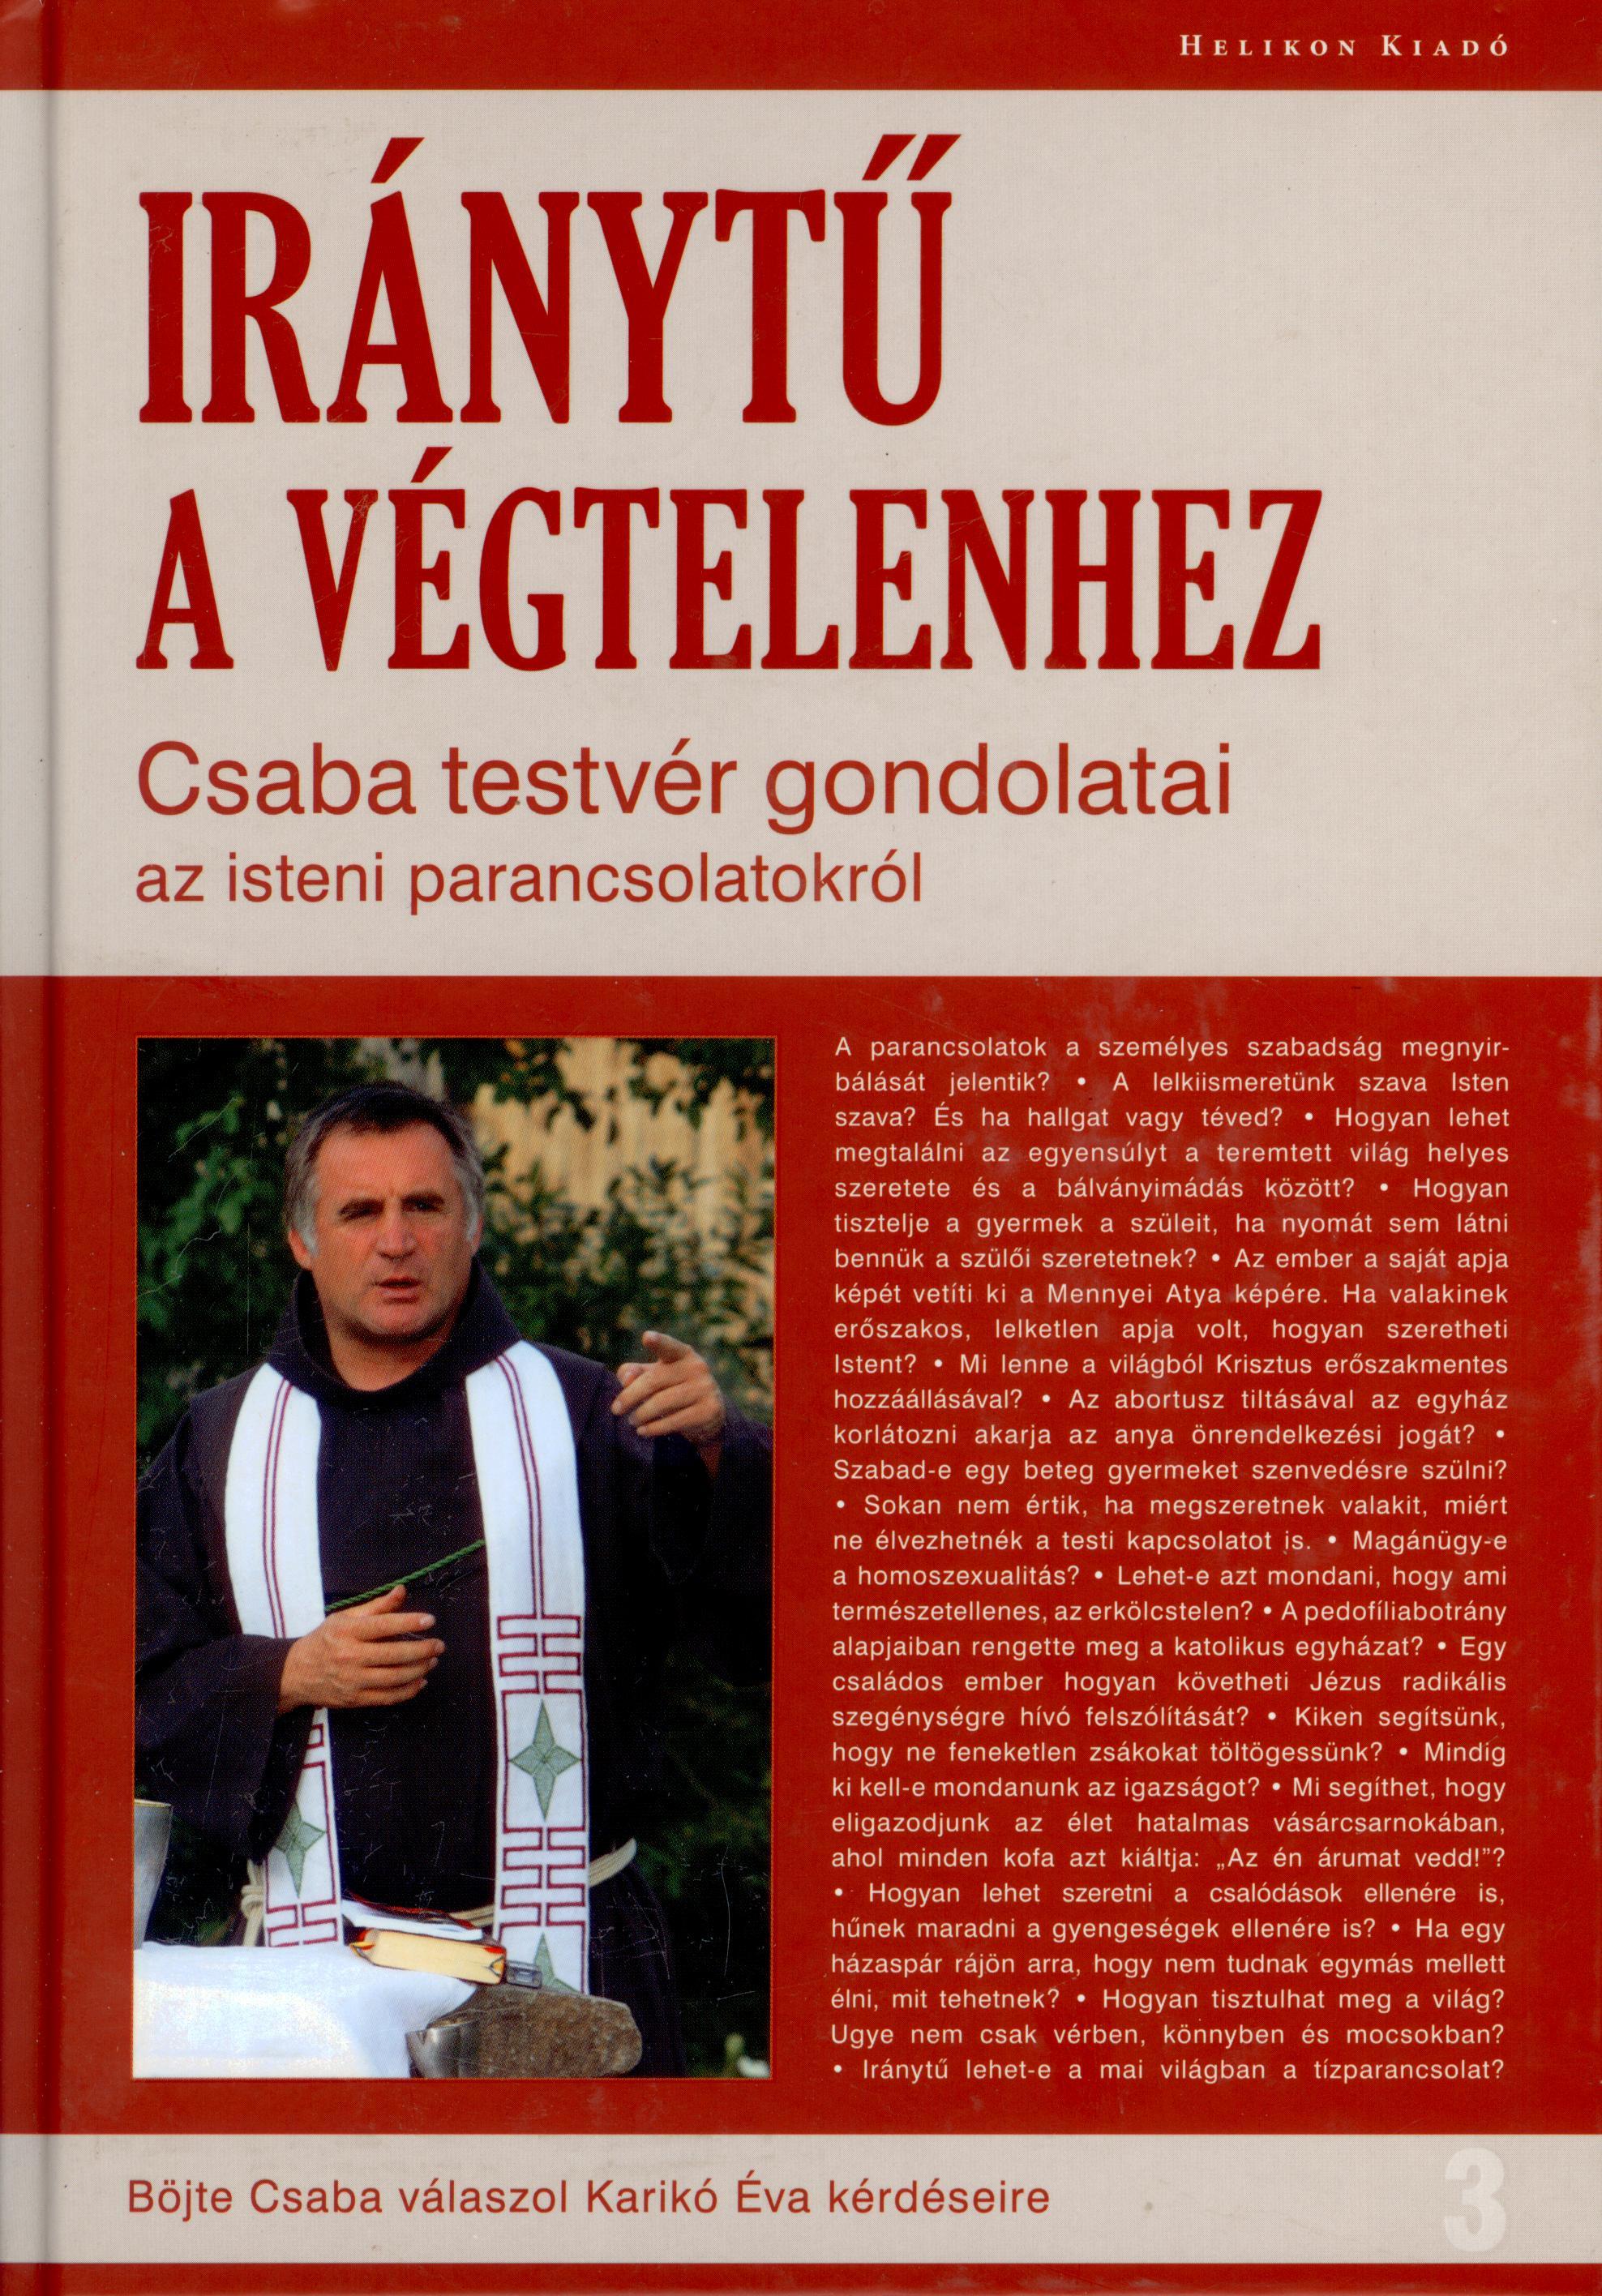 14_Iranytu_a_vegtelenhez